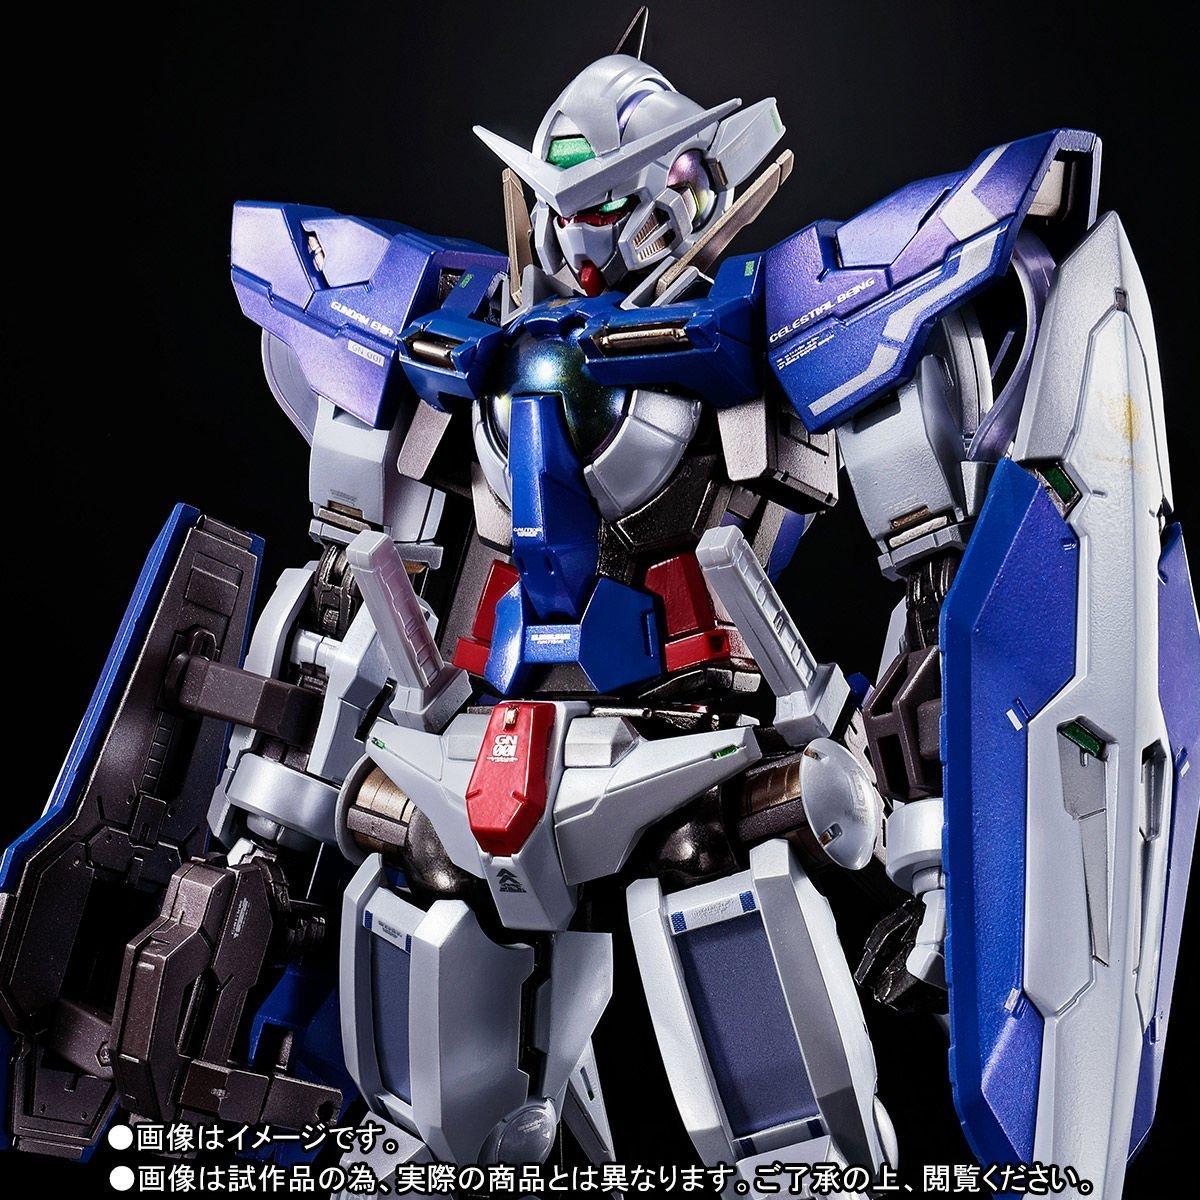 buena calidad METAL METAL METAL BUILD GN-001 Gundam Exia 10th ANNIVERSARY EDITION  Vuelta de 10 dias